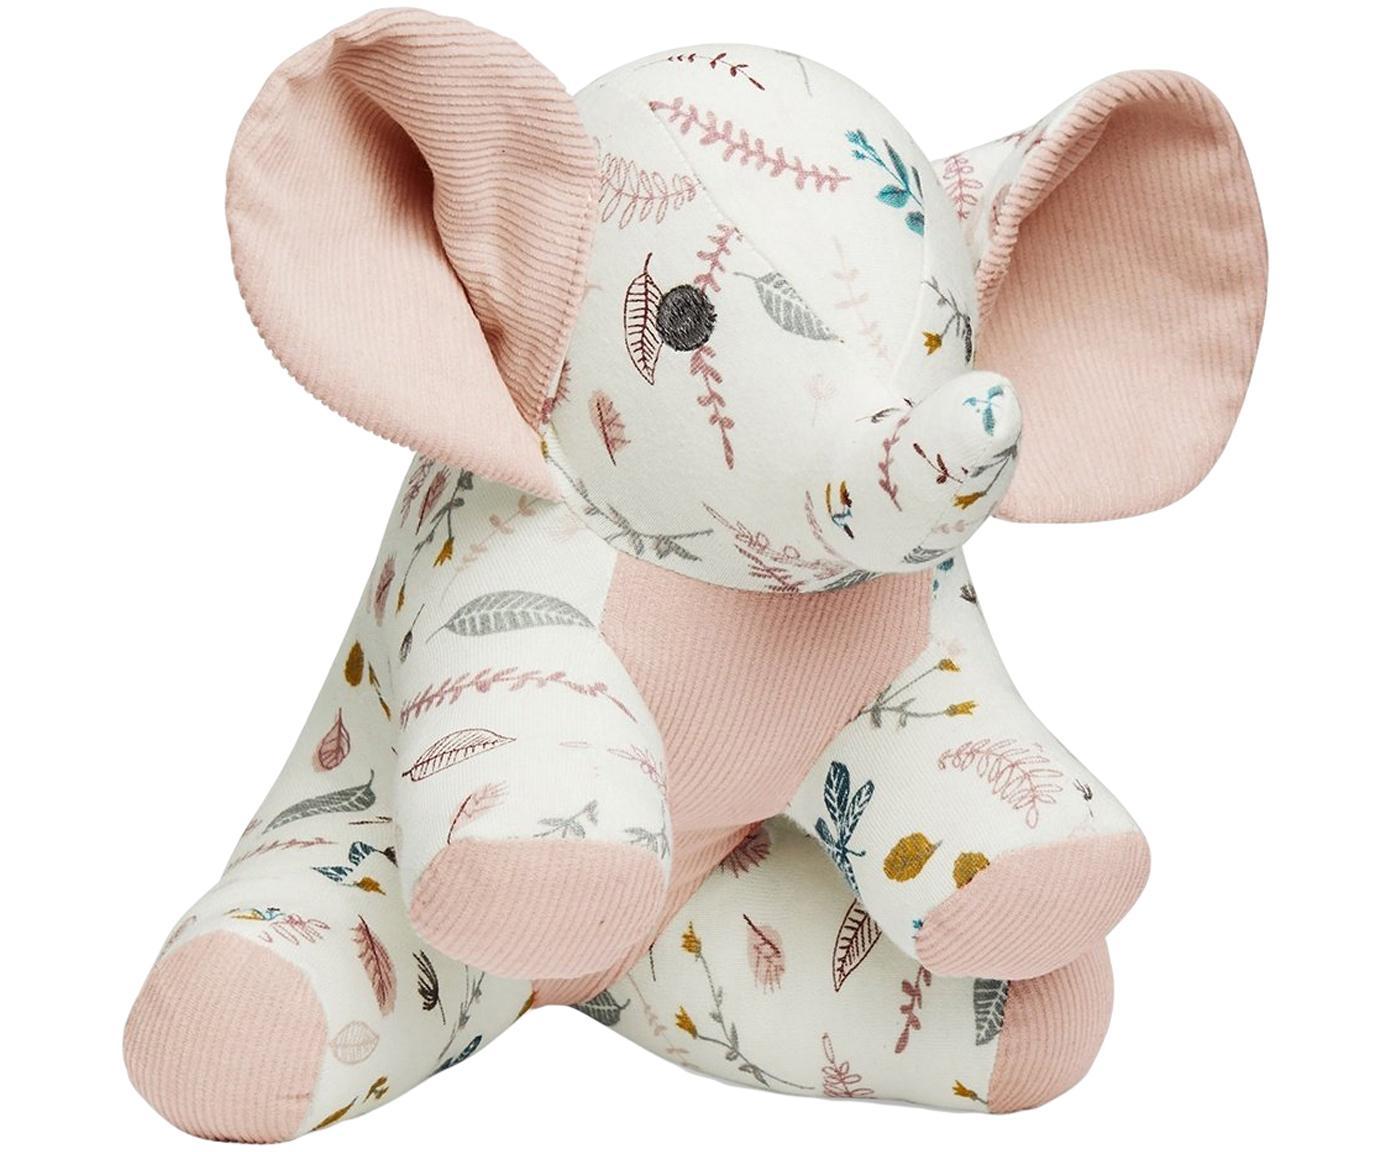 Peluche elefante in Bio cotone Elephant, Rivestimento: bio cotone, certificato O, Bianco, tonalità rosa, giallo, Larg. 20 x Alt. 21 cm